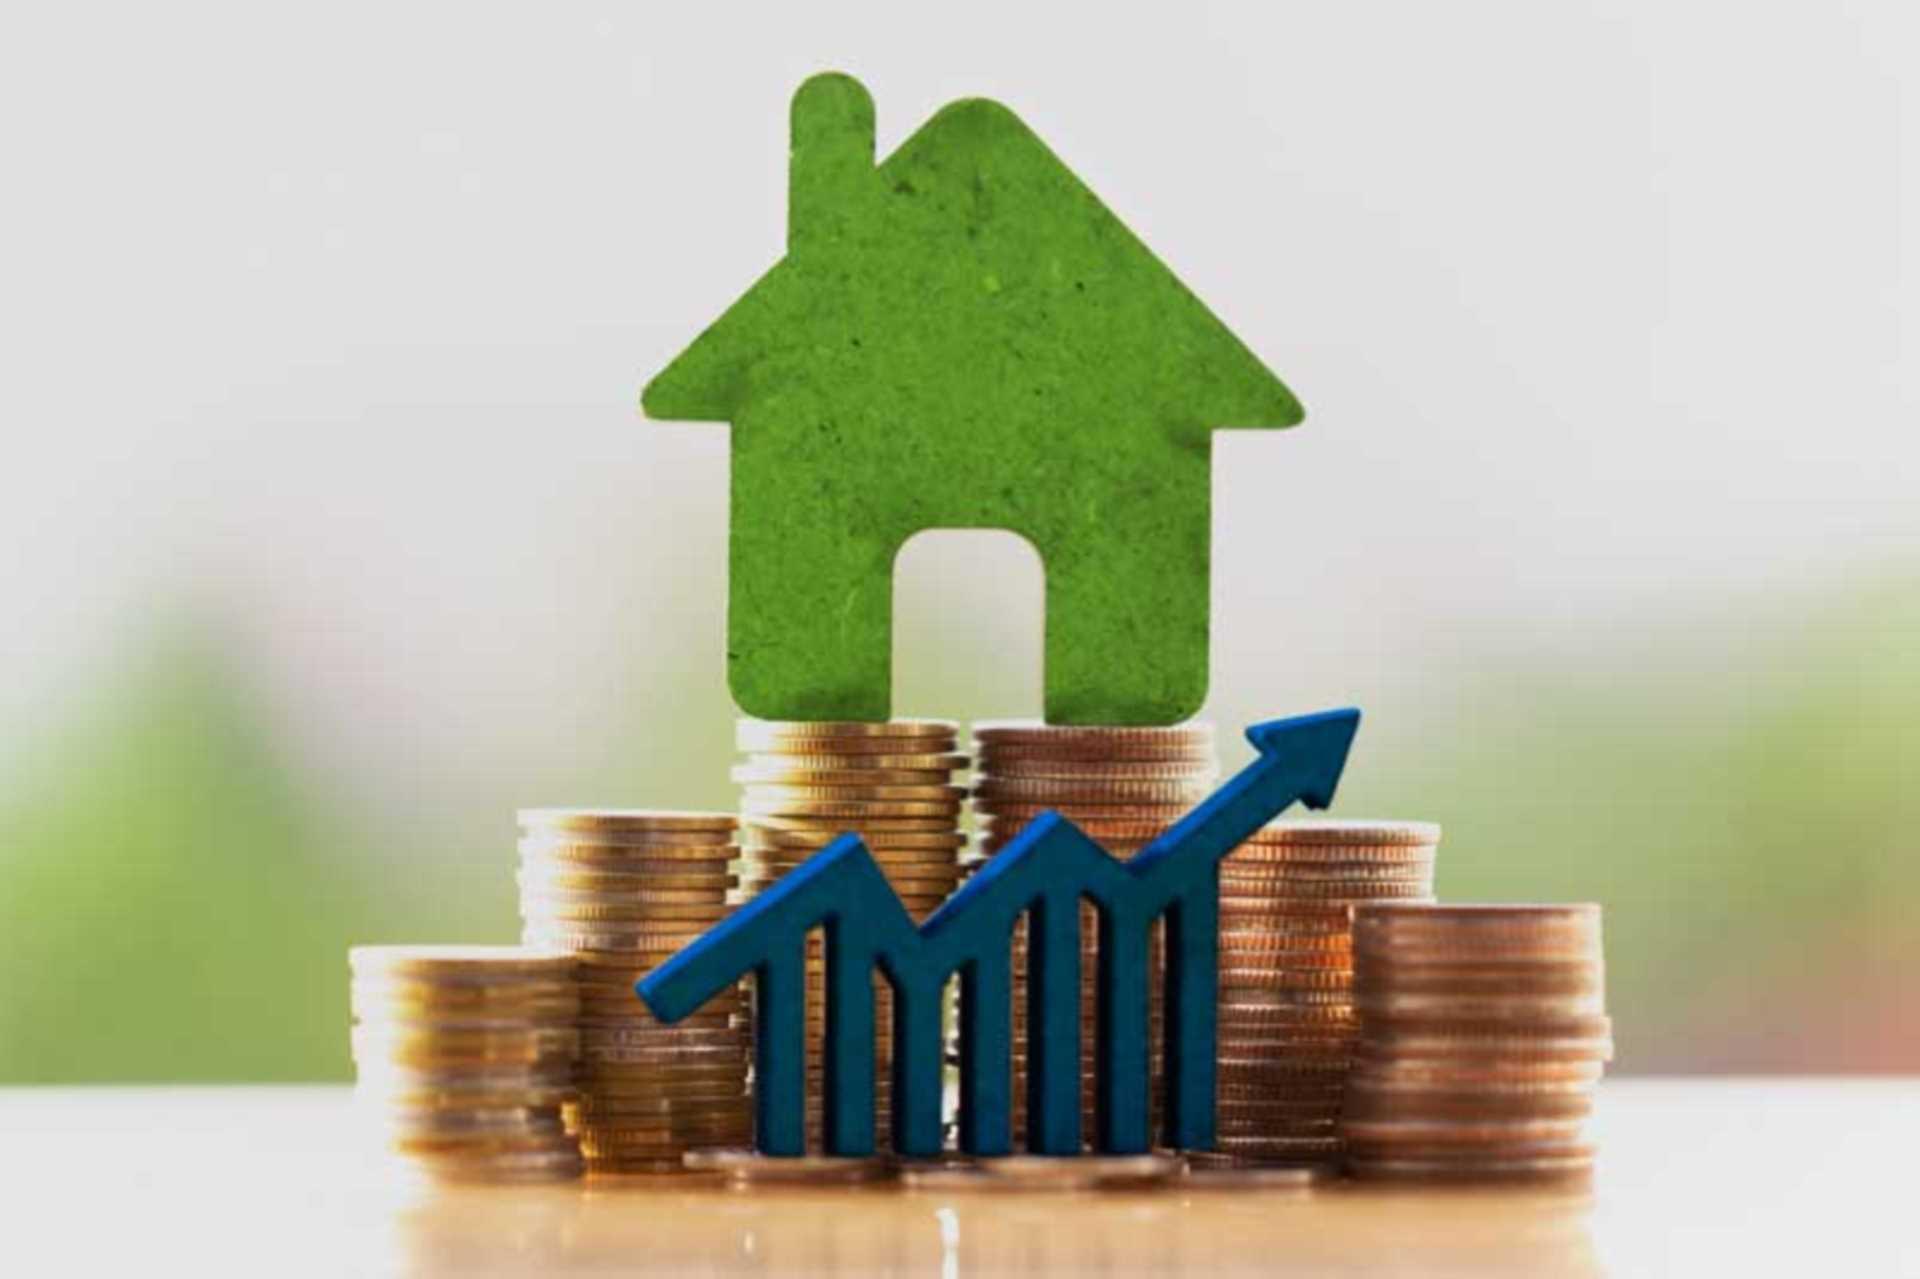 Mortgage lenders tweak rates higher